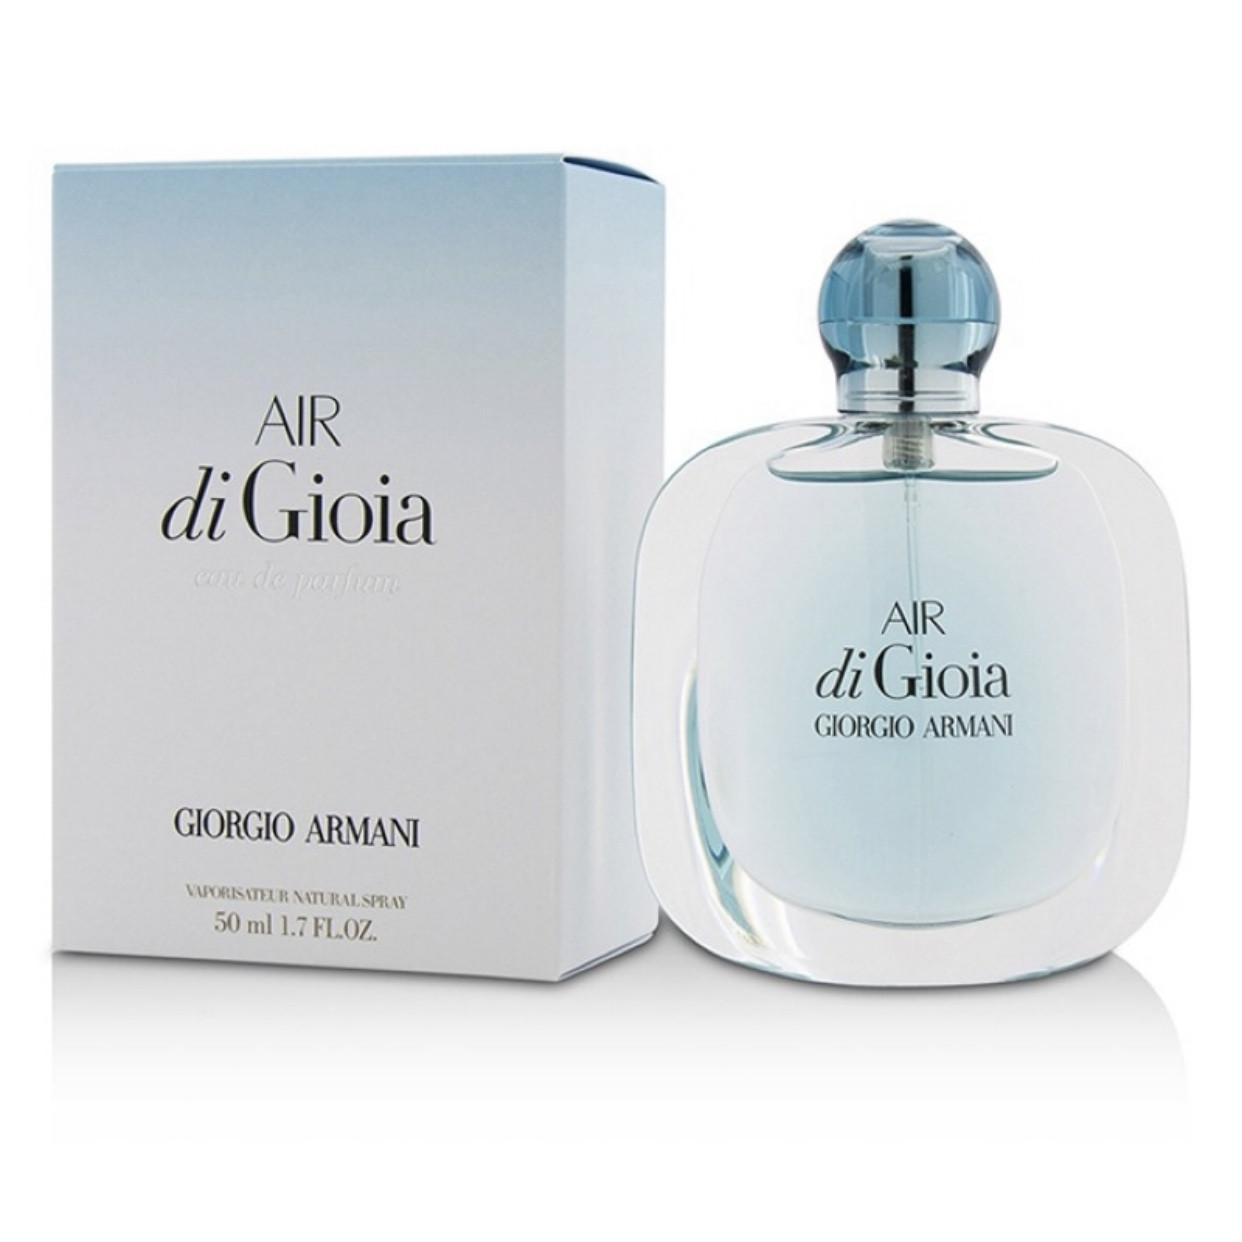 Женские духи парфюмрованная вода GIORGIO ARMANI  Air di Gioia 50ml, свежий цветочный древесный аромат ОРИГИНАЛ